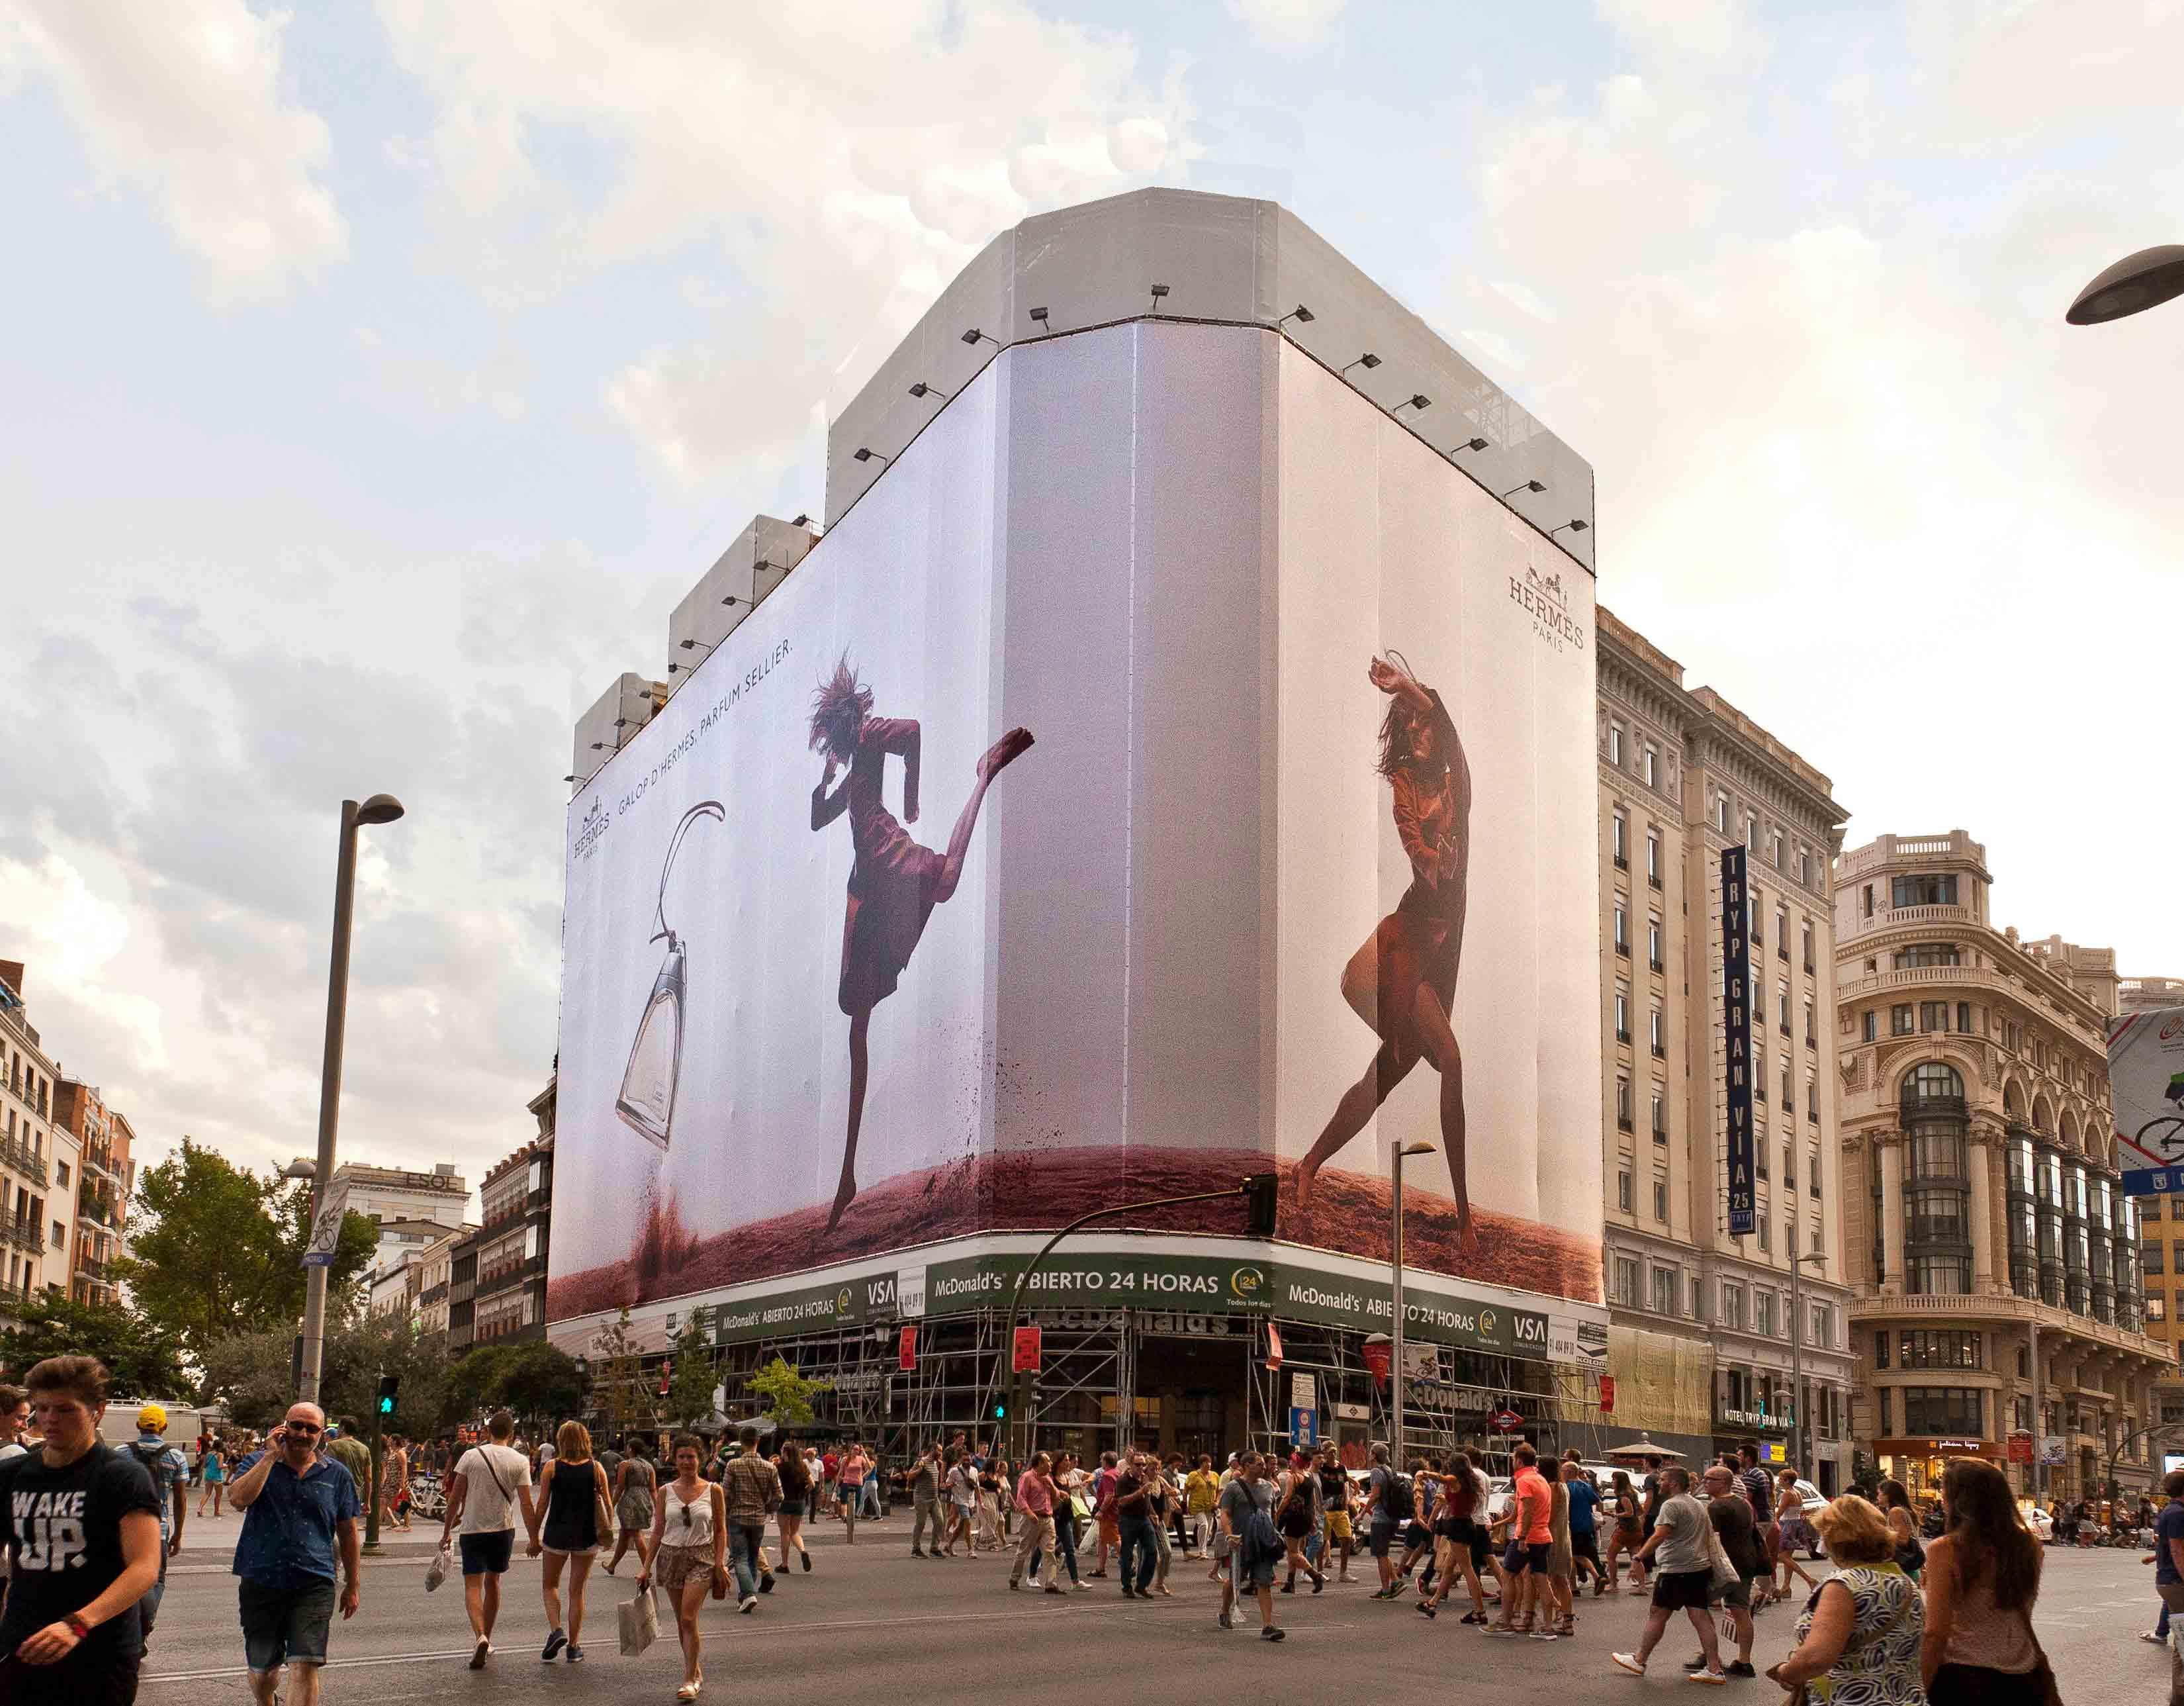 lona-publicitaria-madrid-montera-47-hermes-dia-vsa-comunicacion